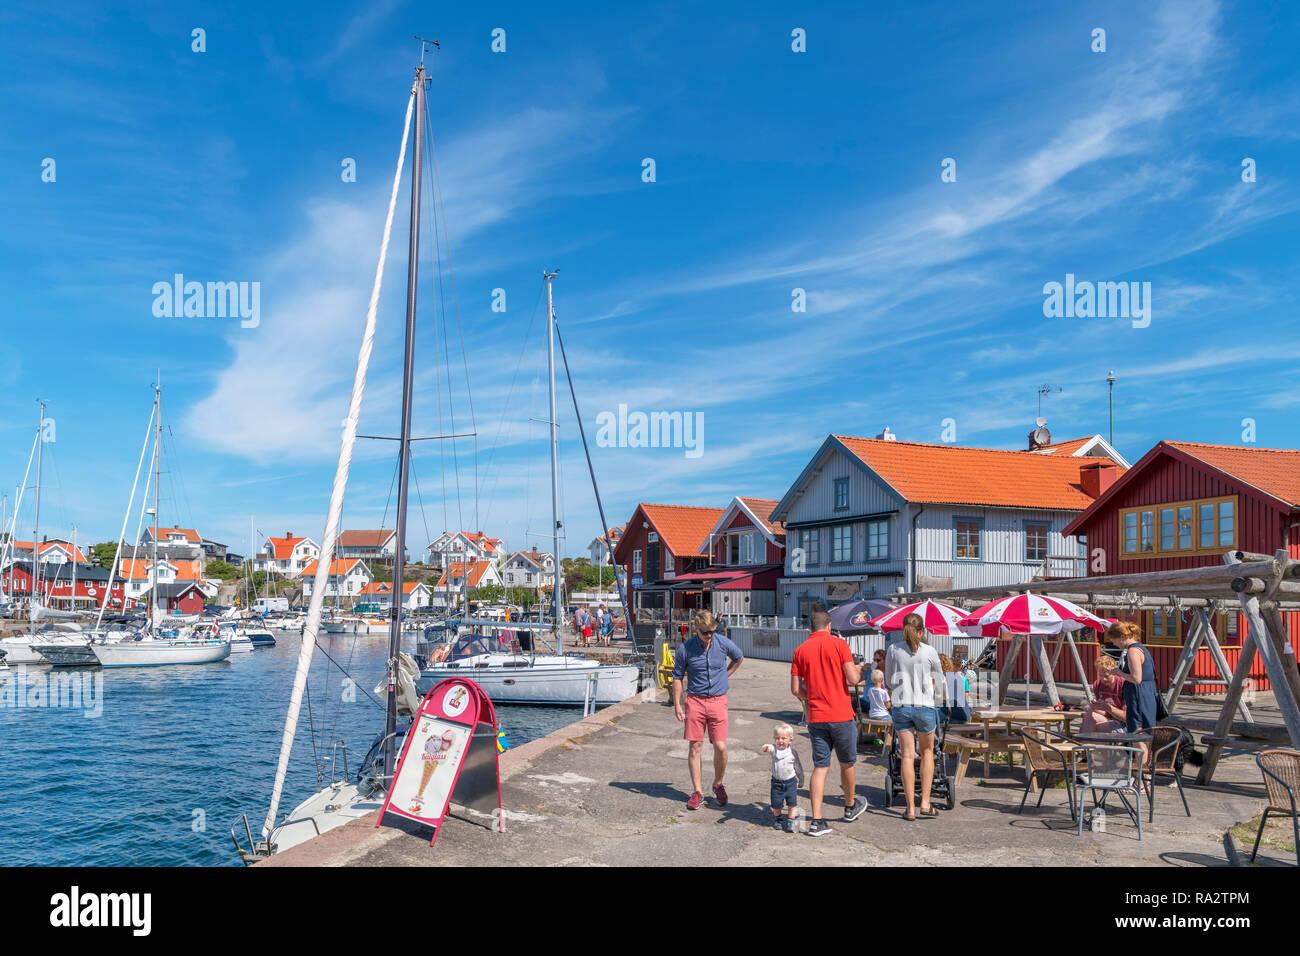 The harbour in the fishing village of Mollösund, Orust, Bohuslän Coast, Götaland, Sweden Stock Photo